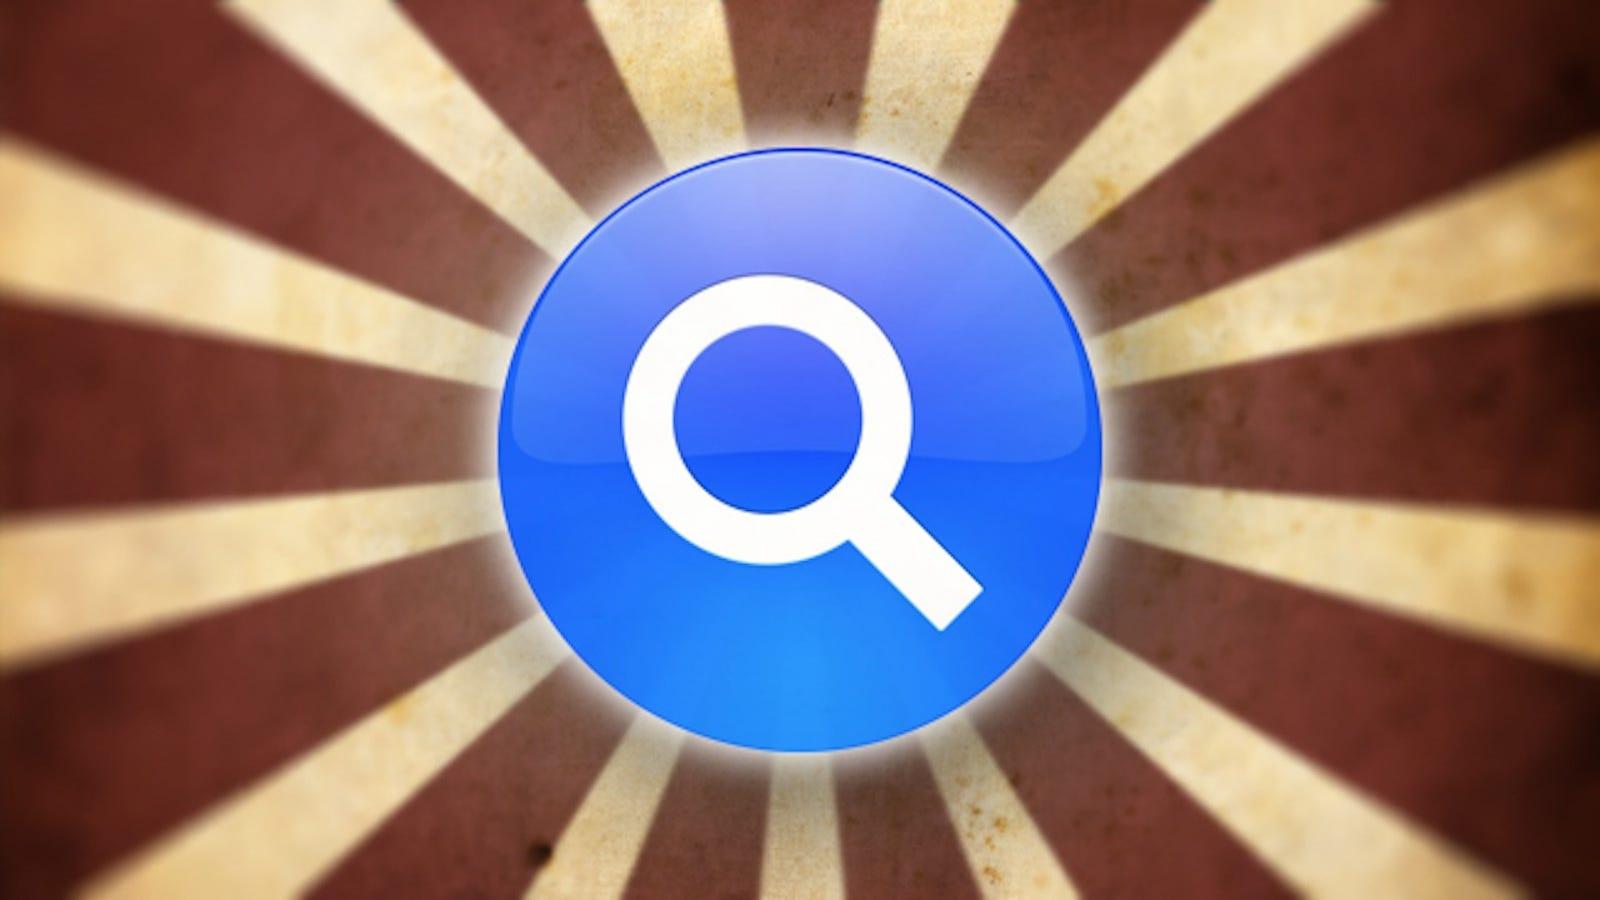 Five Best Desktop Search Applications